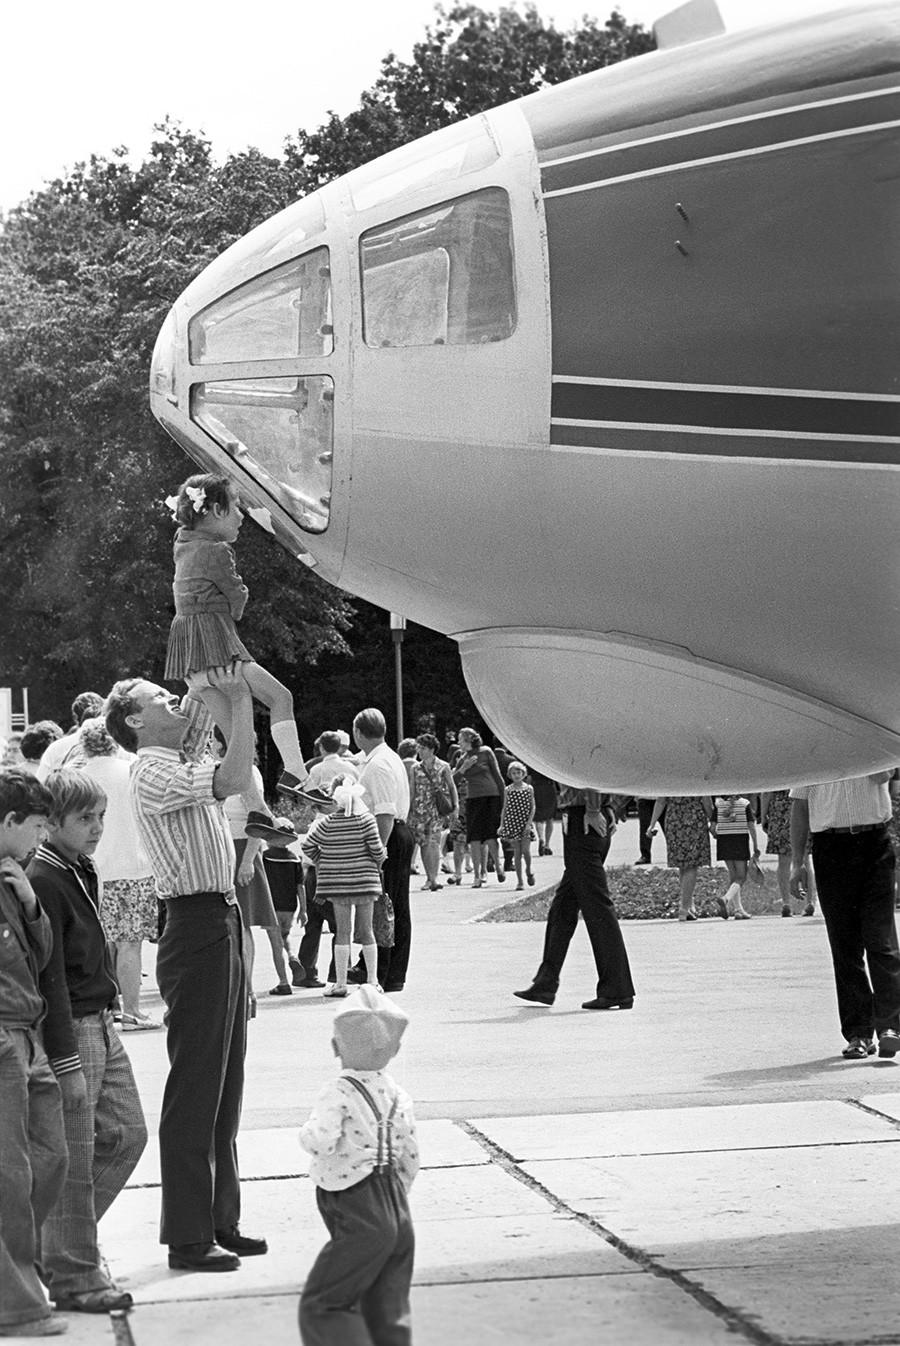 Avion-kino